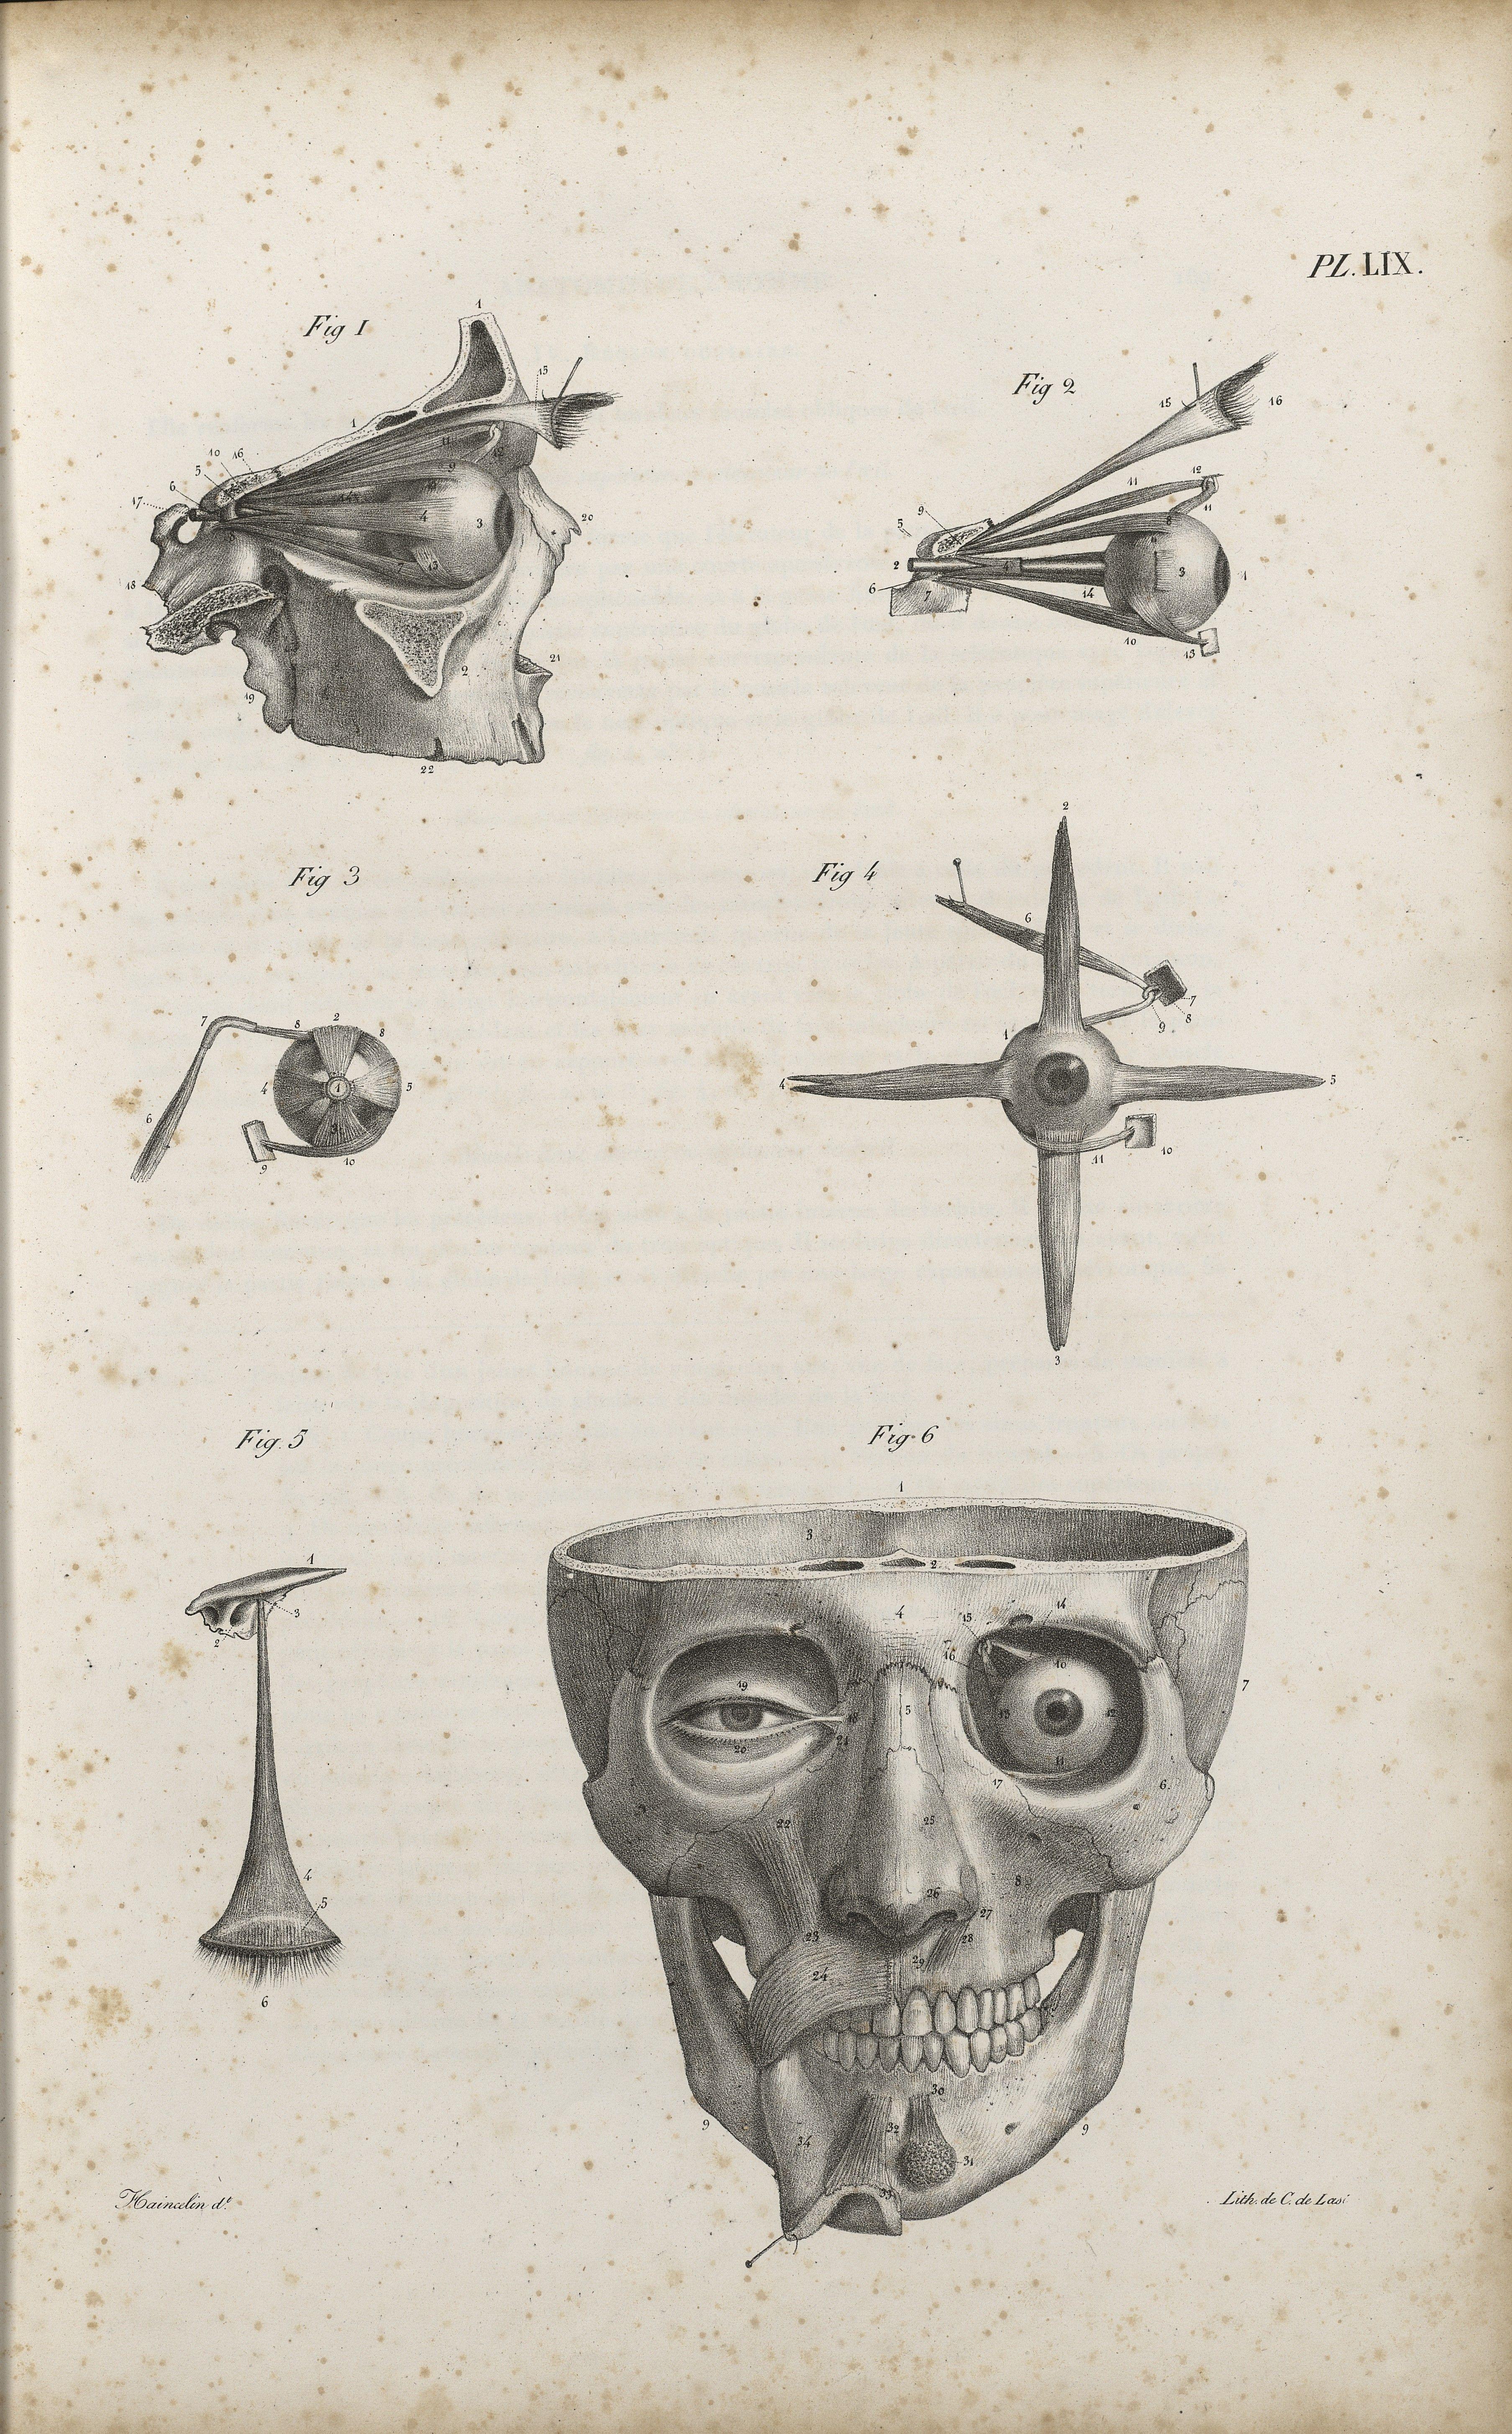 Pin de Seih en bones, anatomy | Pinterest | Anatomía, Curiosidad y ...